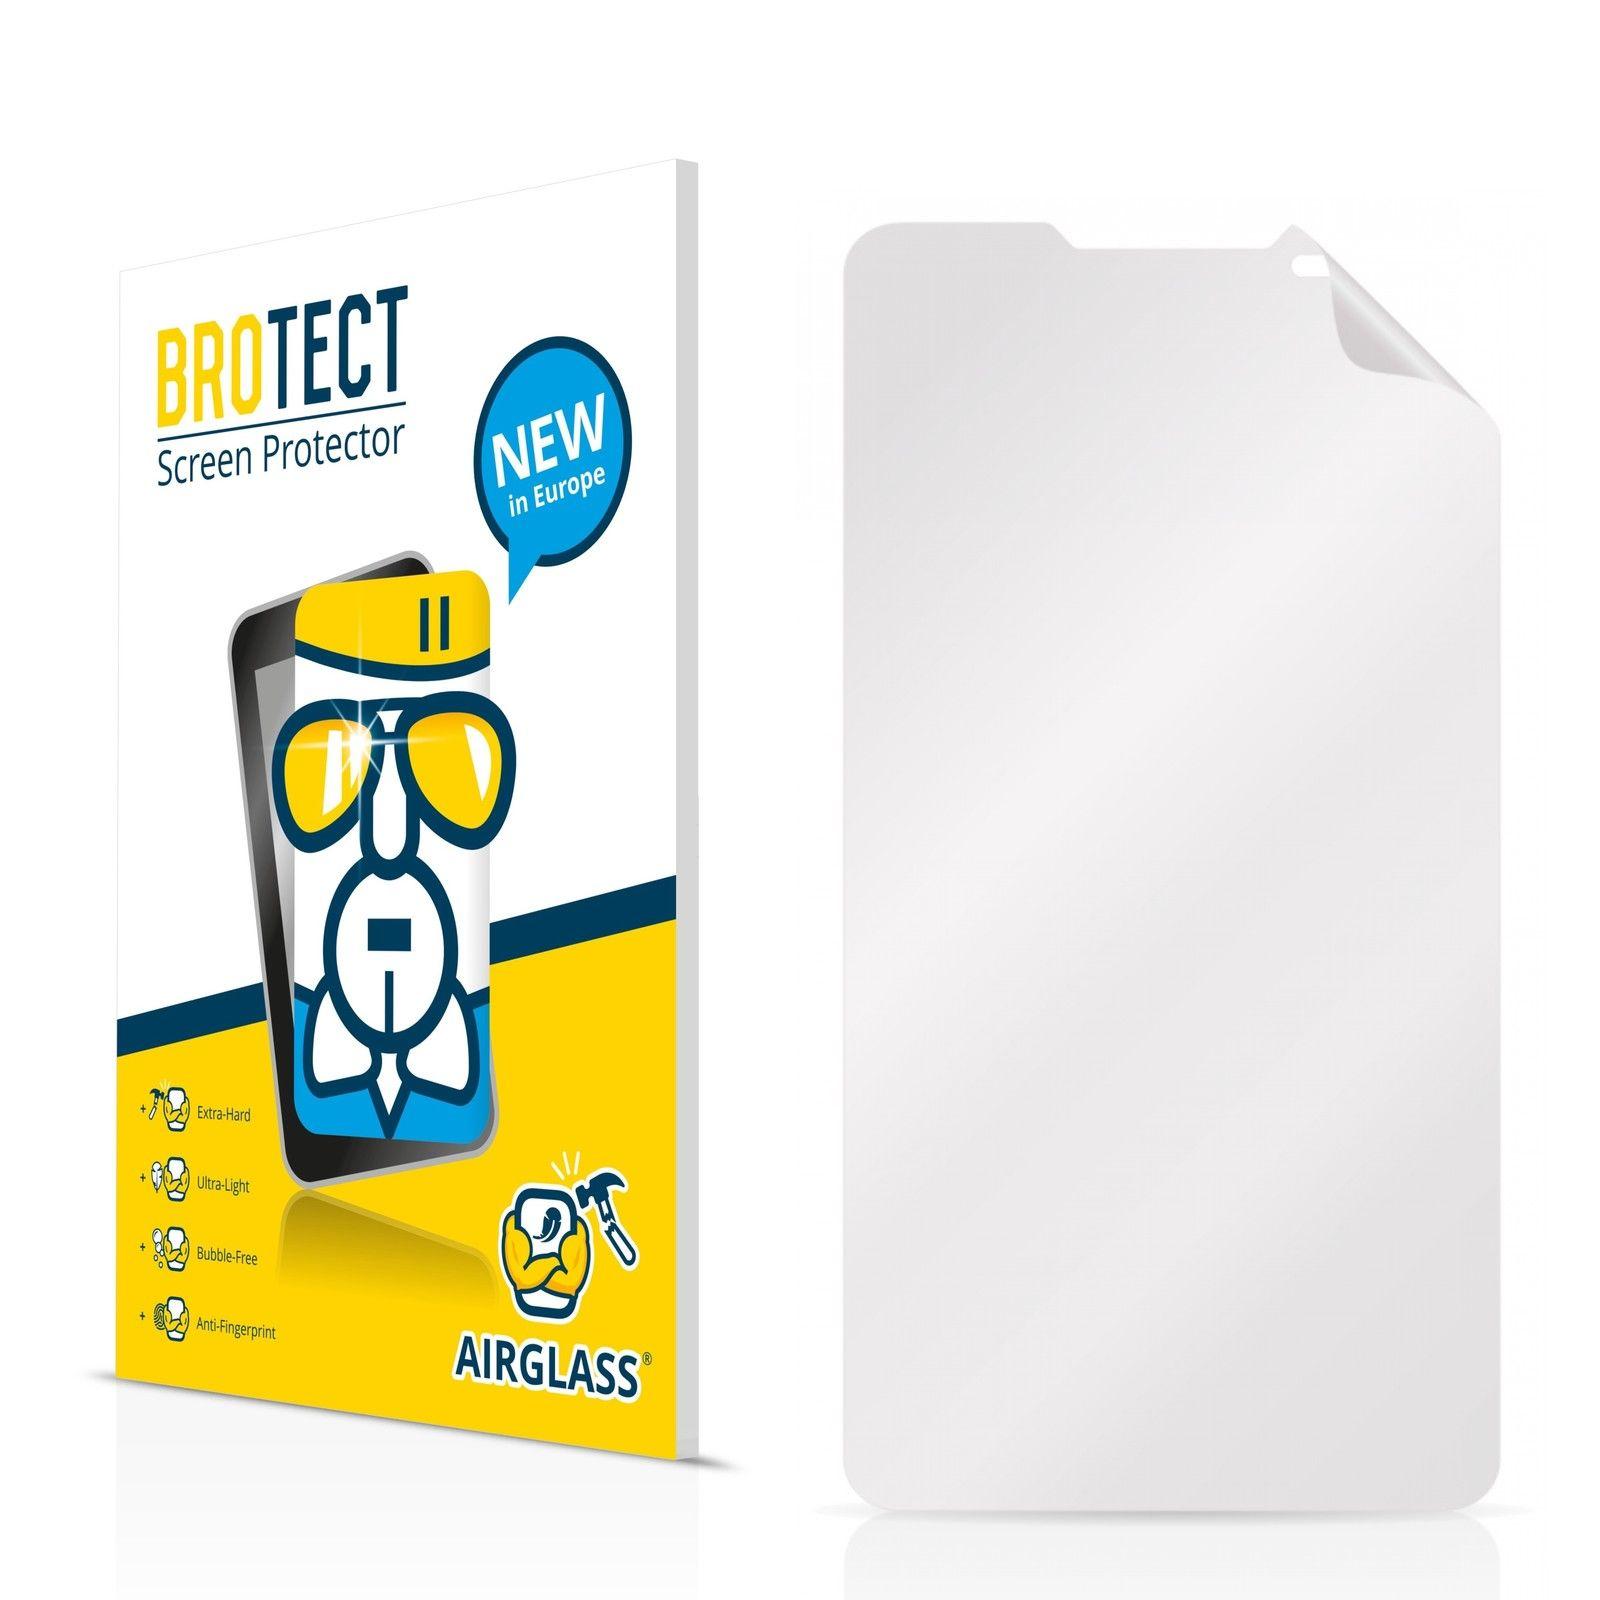 Extra tvrzená ochranná fólie (tvrzené sklo) AirGlass Brotec na LCD pro Prestigio MultiPhone 5044 DUO